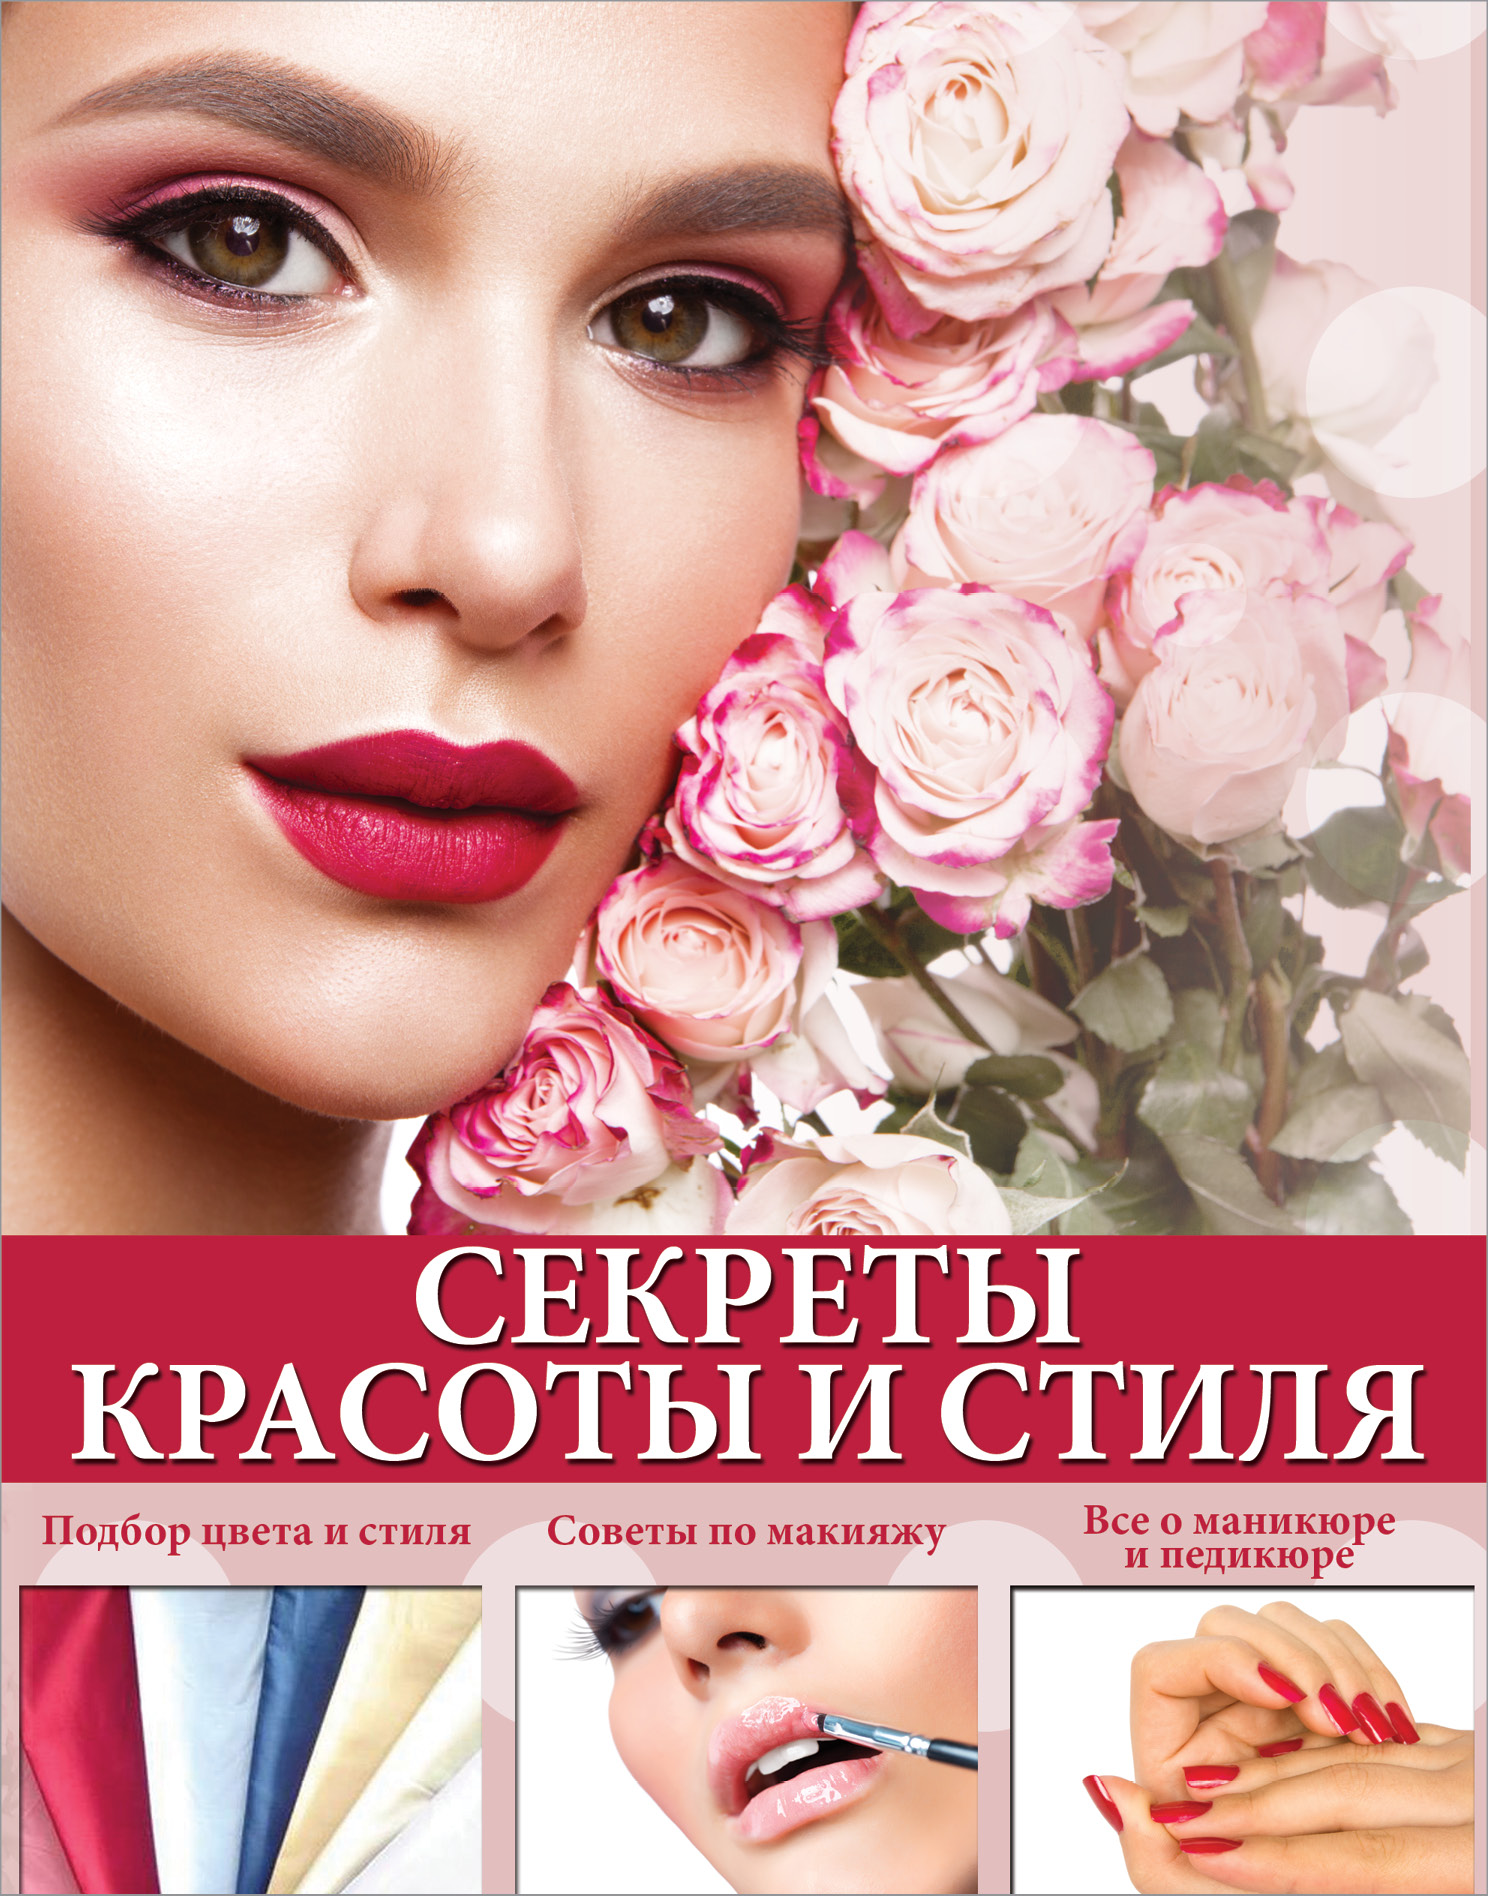 Секреты красоты и стиля от book24.ru